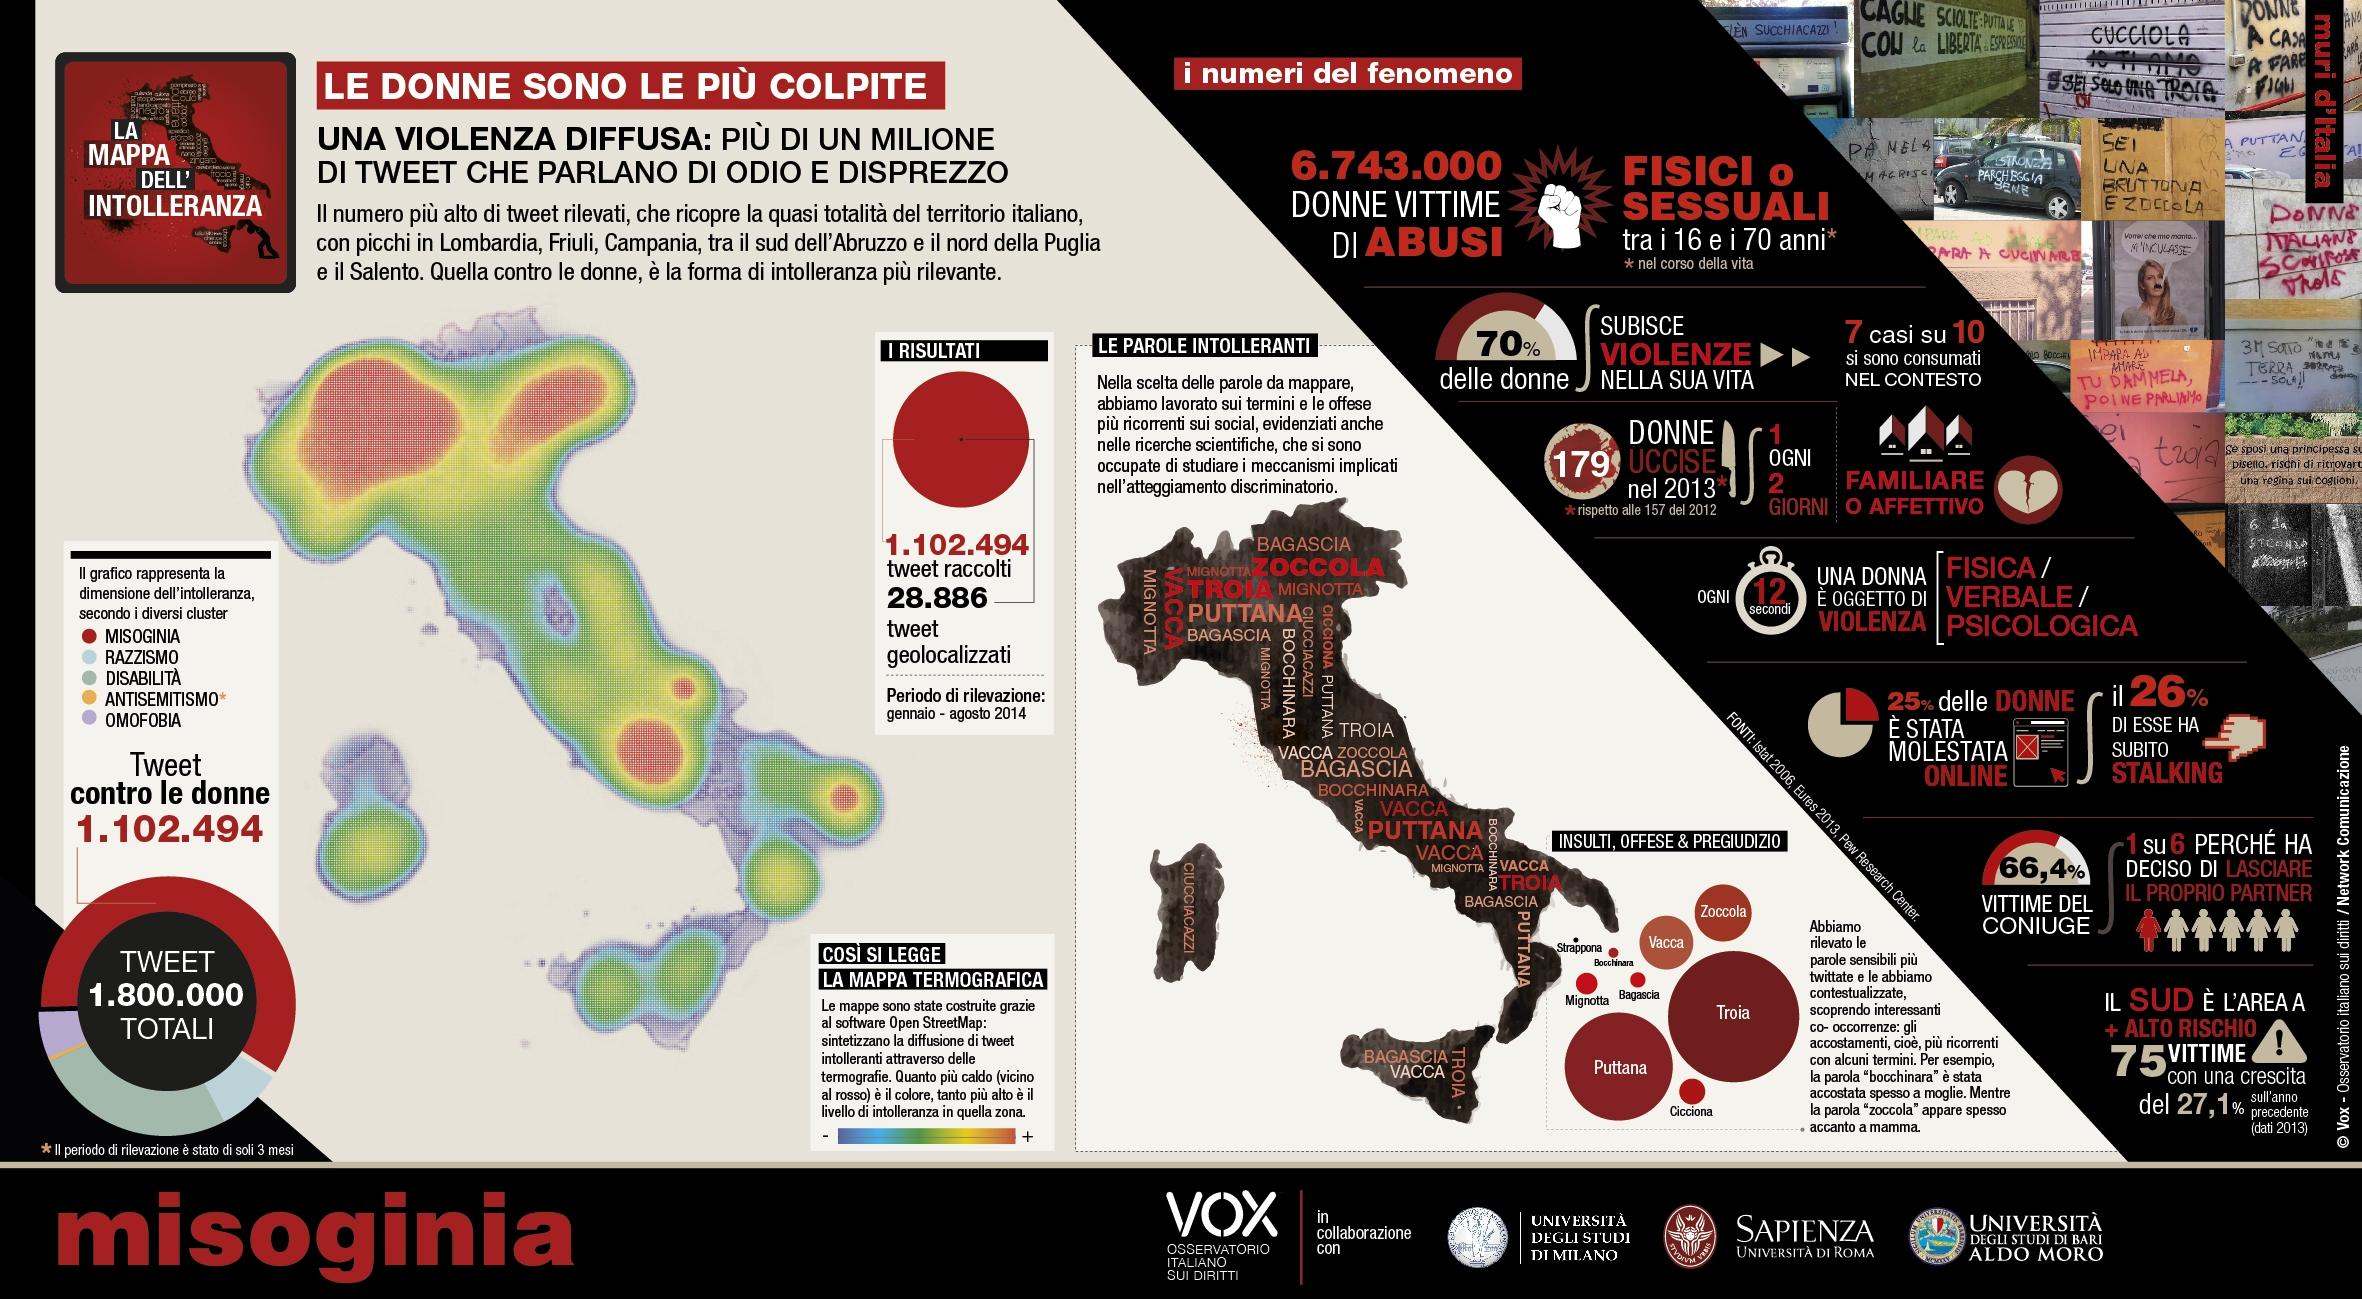 Mappa dell'Intolleranza nel web, Valdichiana isola felice